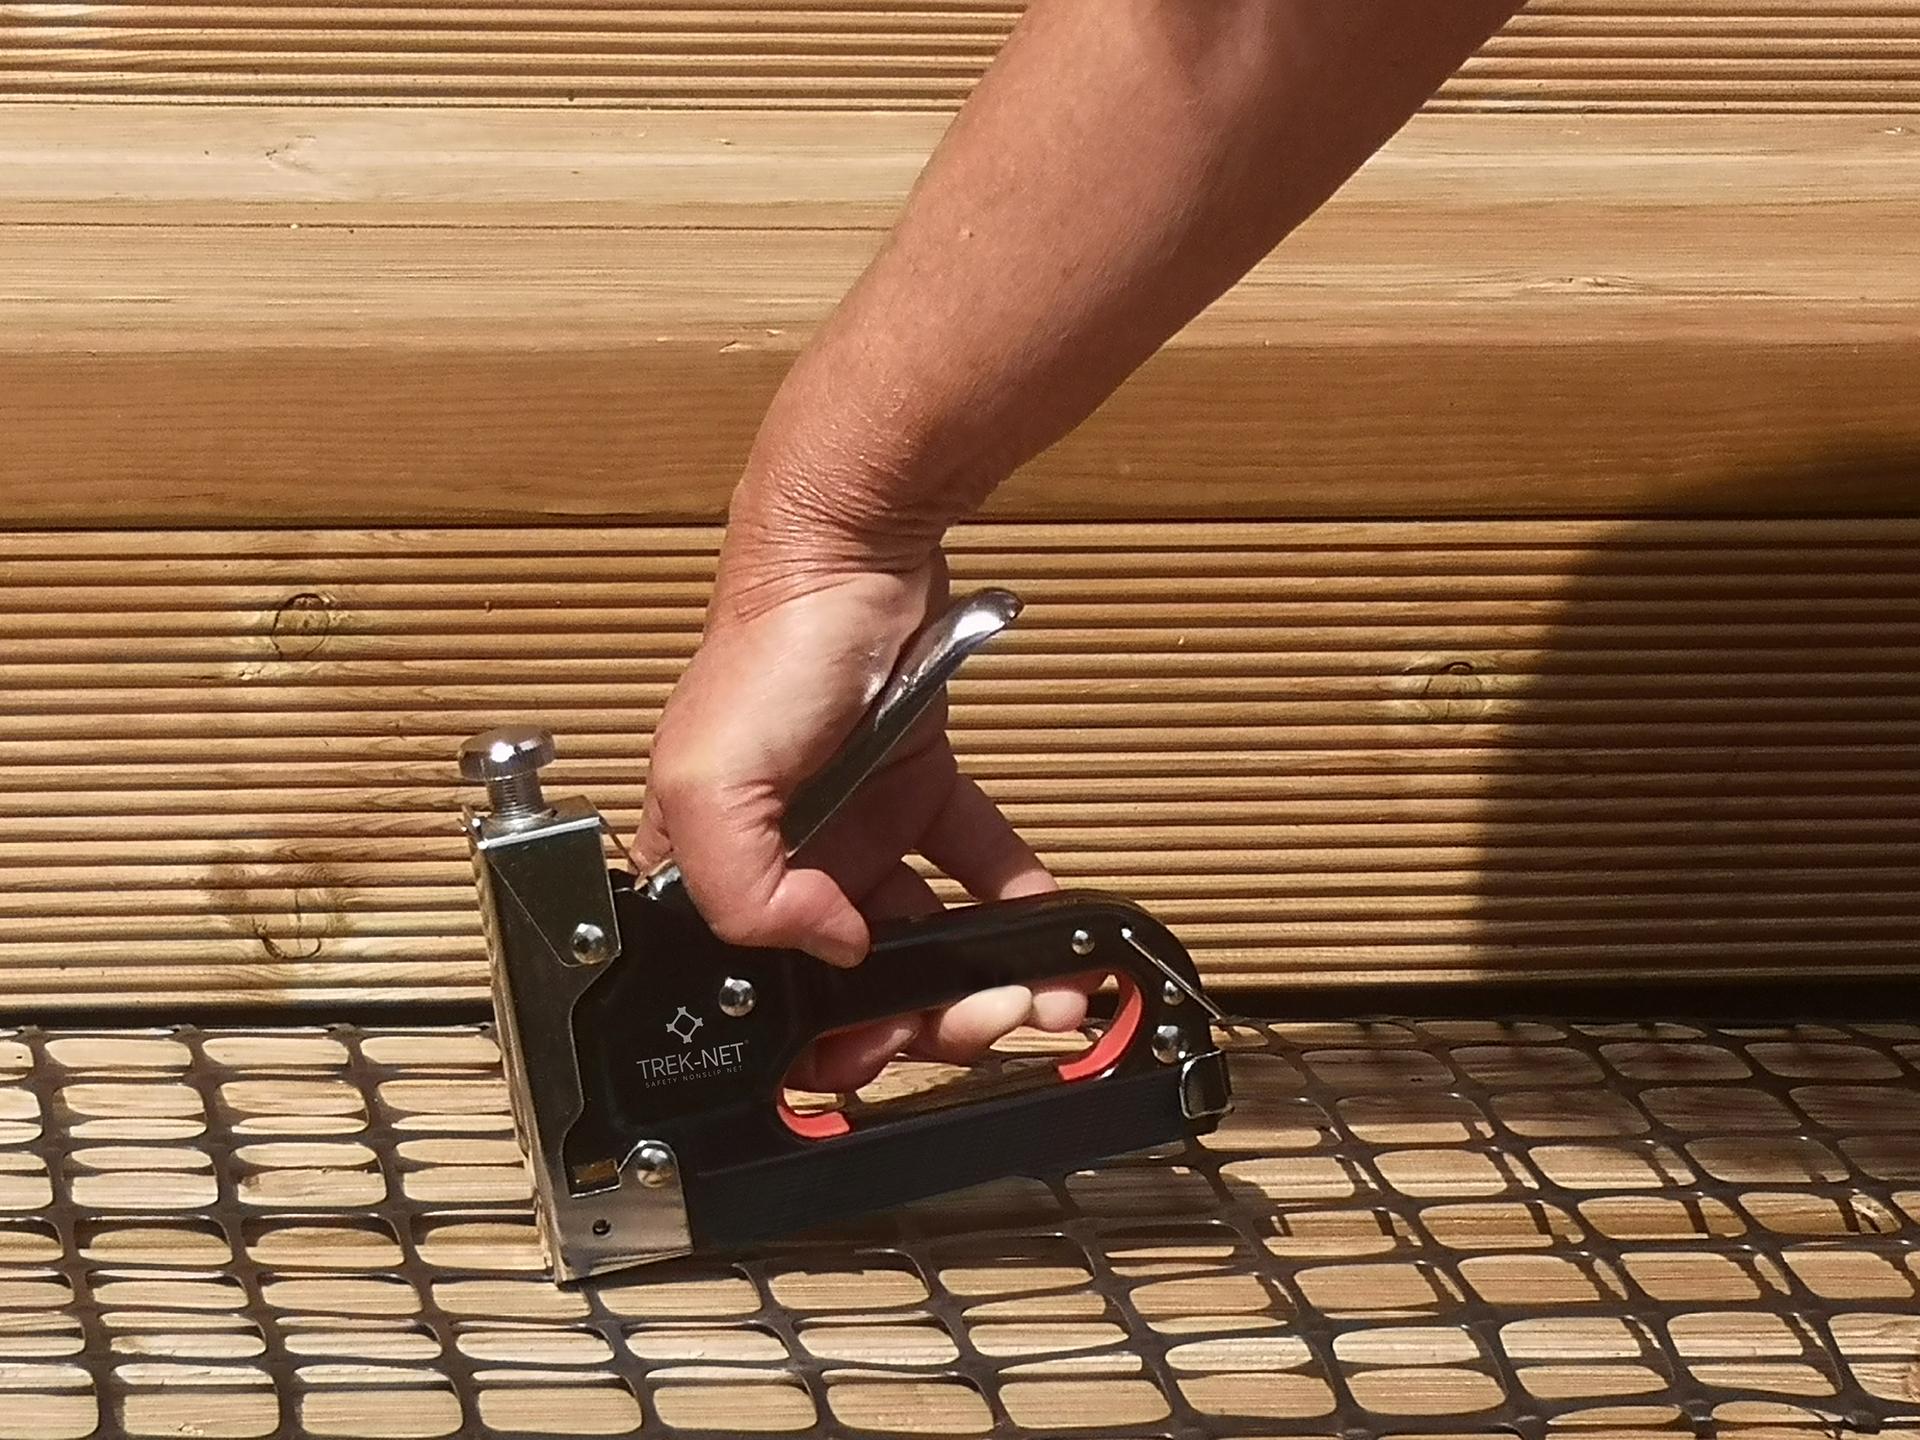 instalación de malla anti-deslizante trek-net en escaleras de madera